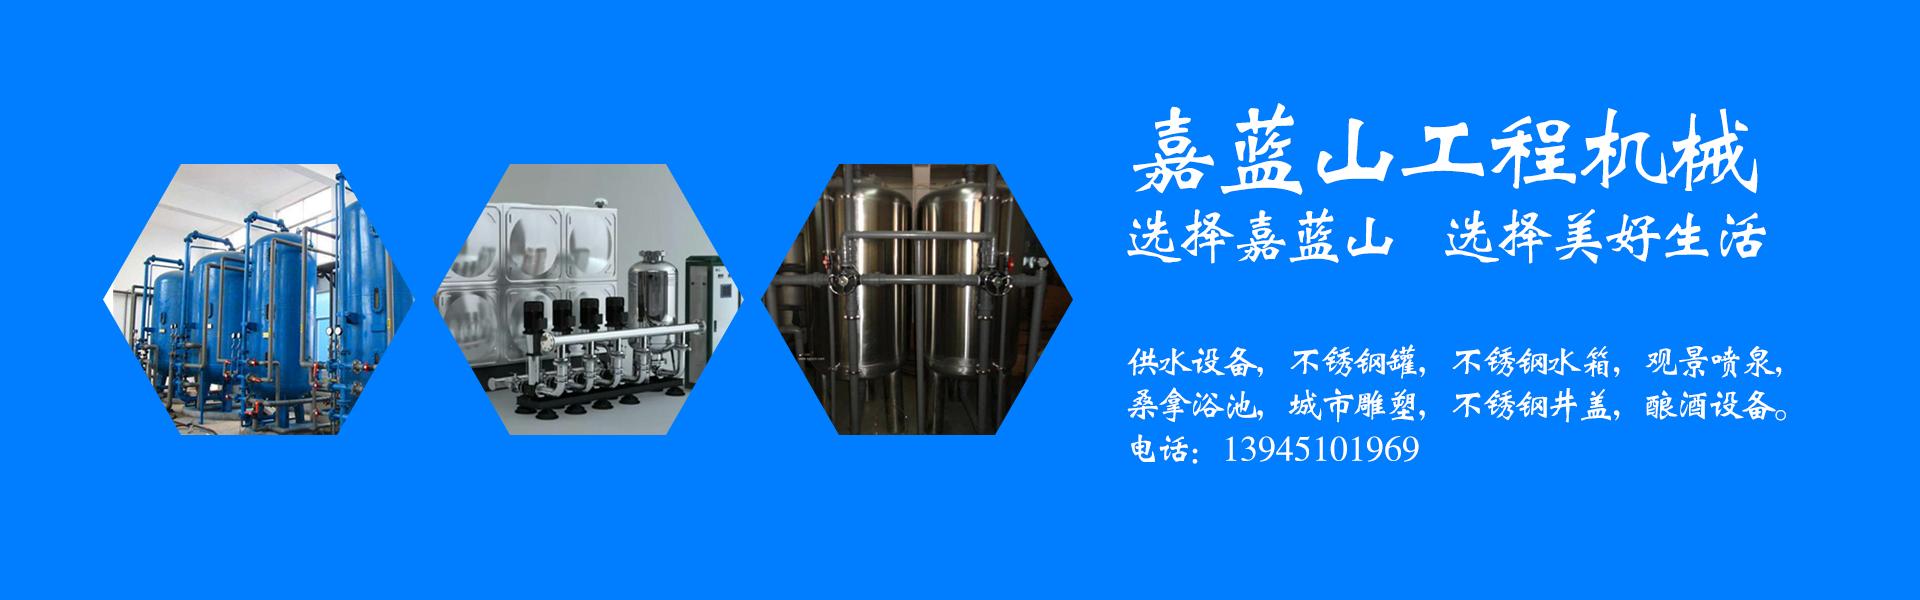 哈尔滨嘉蓝山工程机械设备有限公司